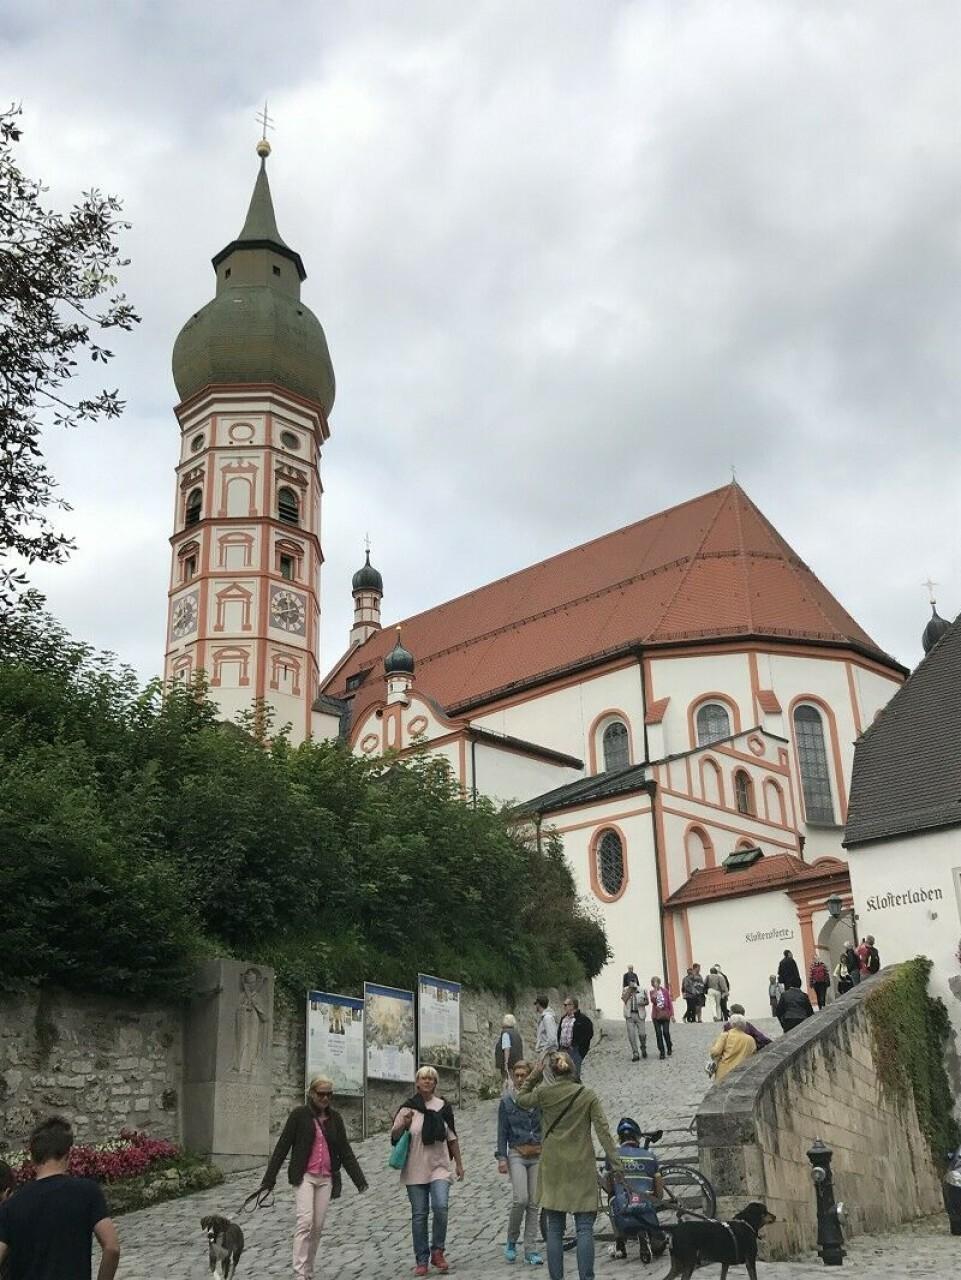 Kloster Andechs Weihnachtsmarkt.Weihnachten Am Ammersee Und Kloster Andechs Reisethemen